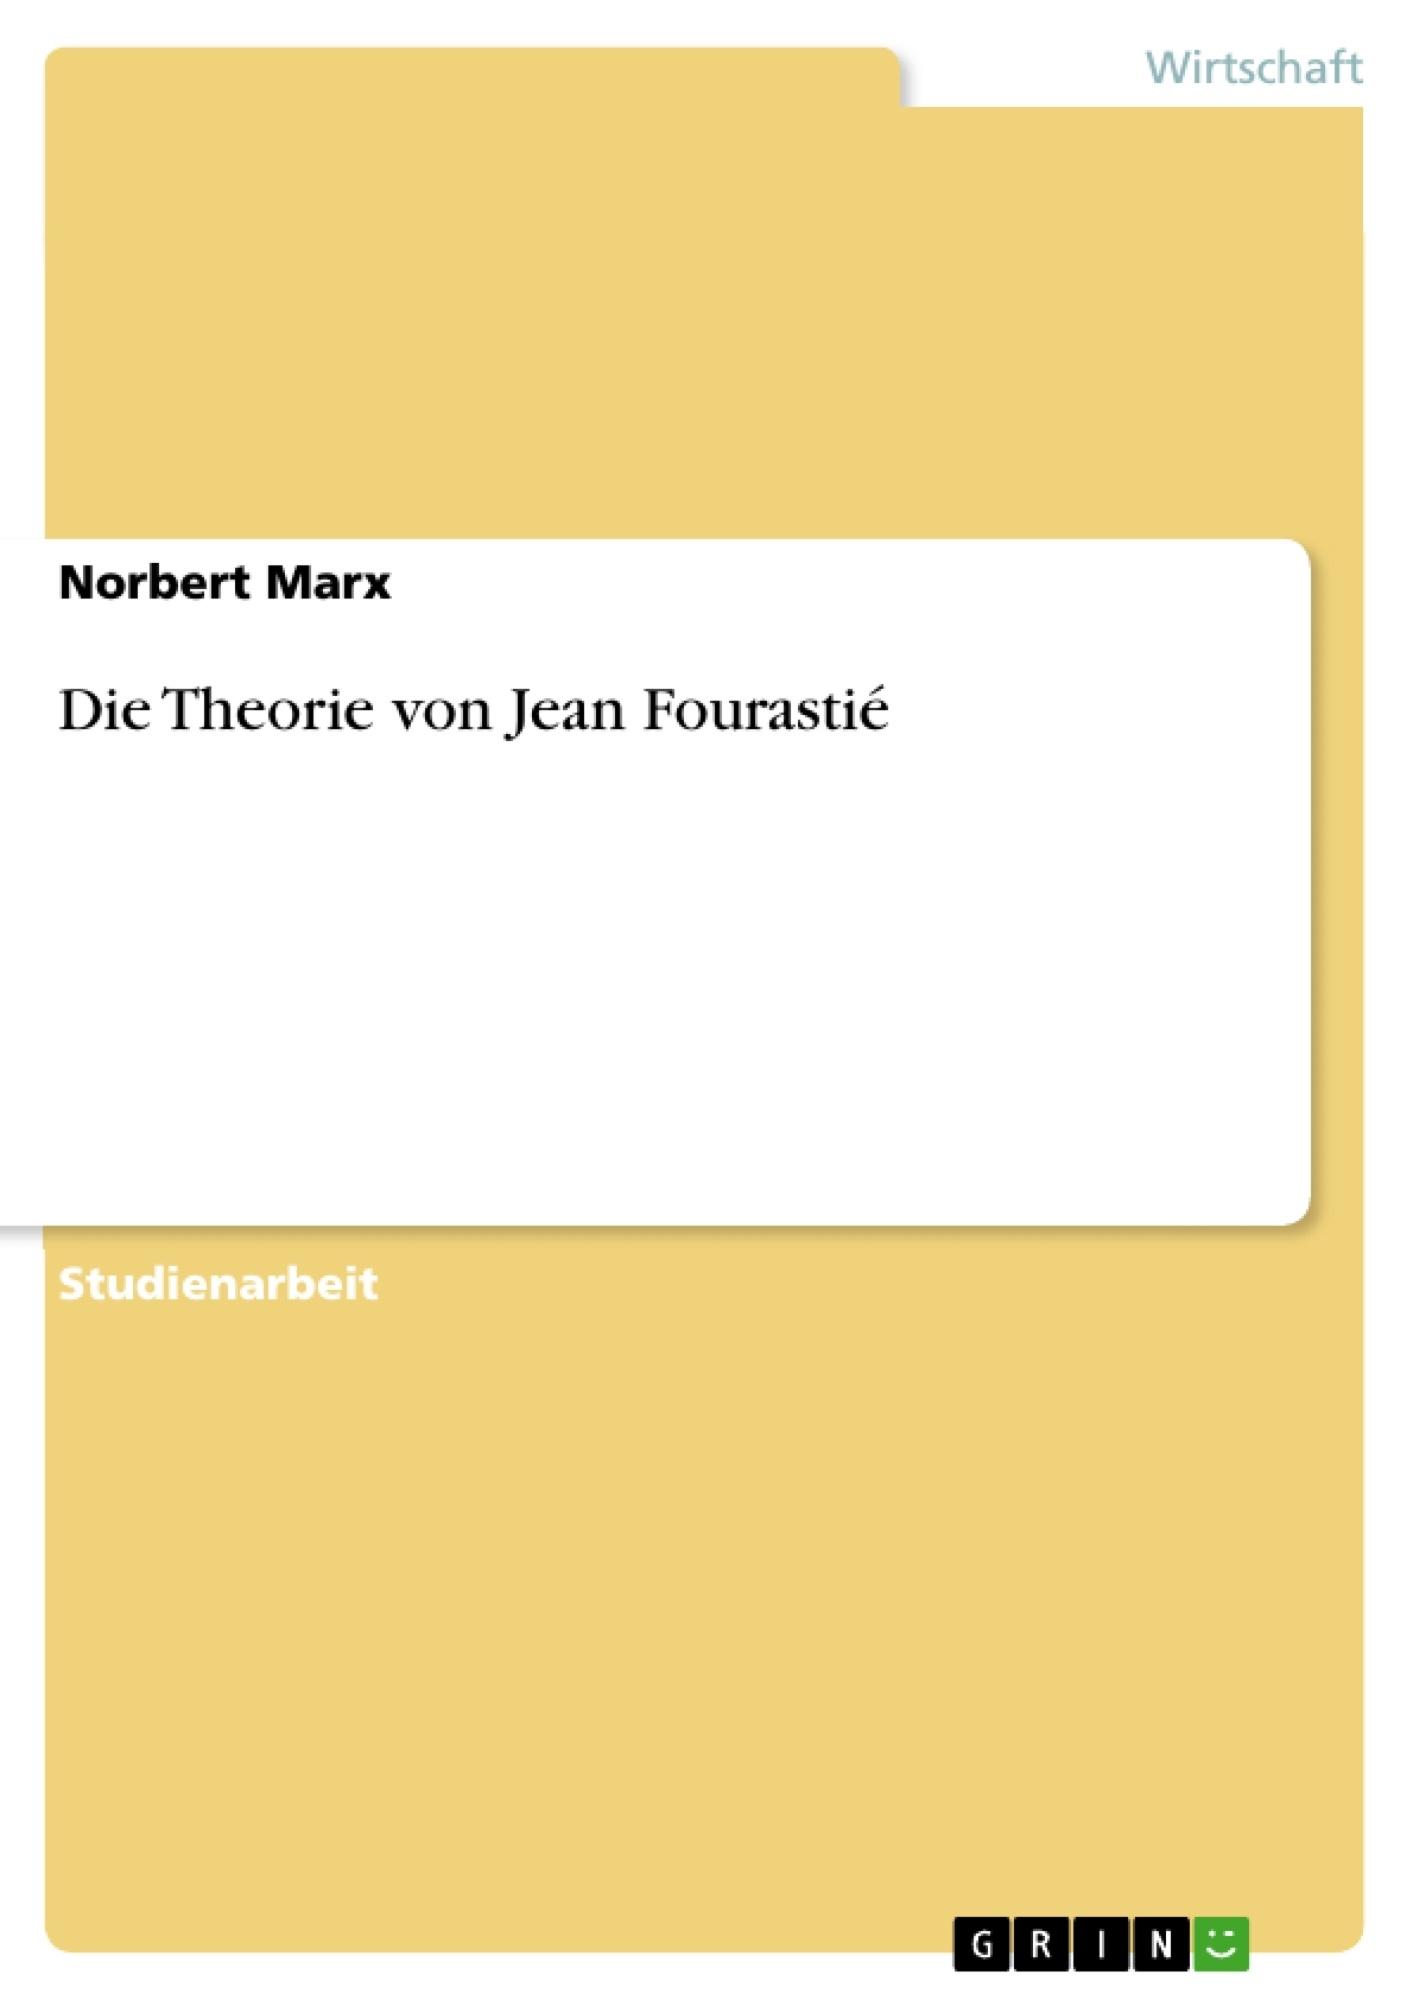 Titel: Die Theorie von Jean Fourastié